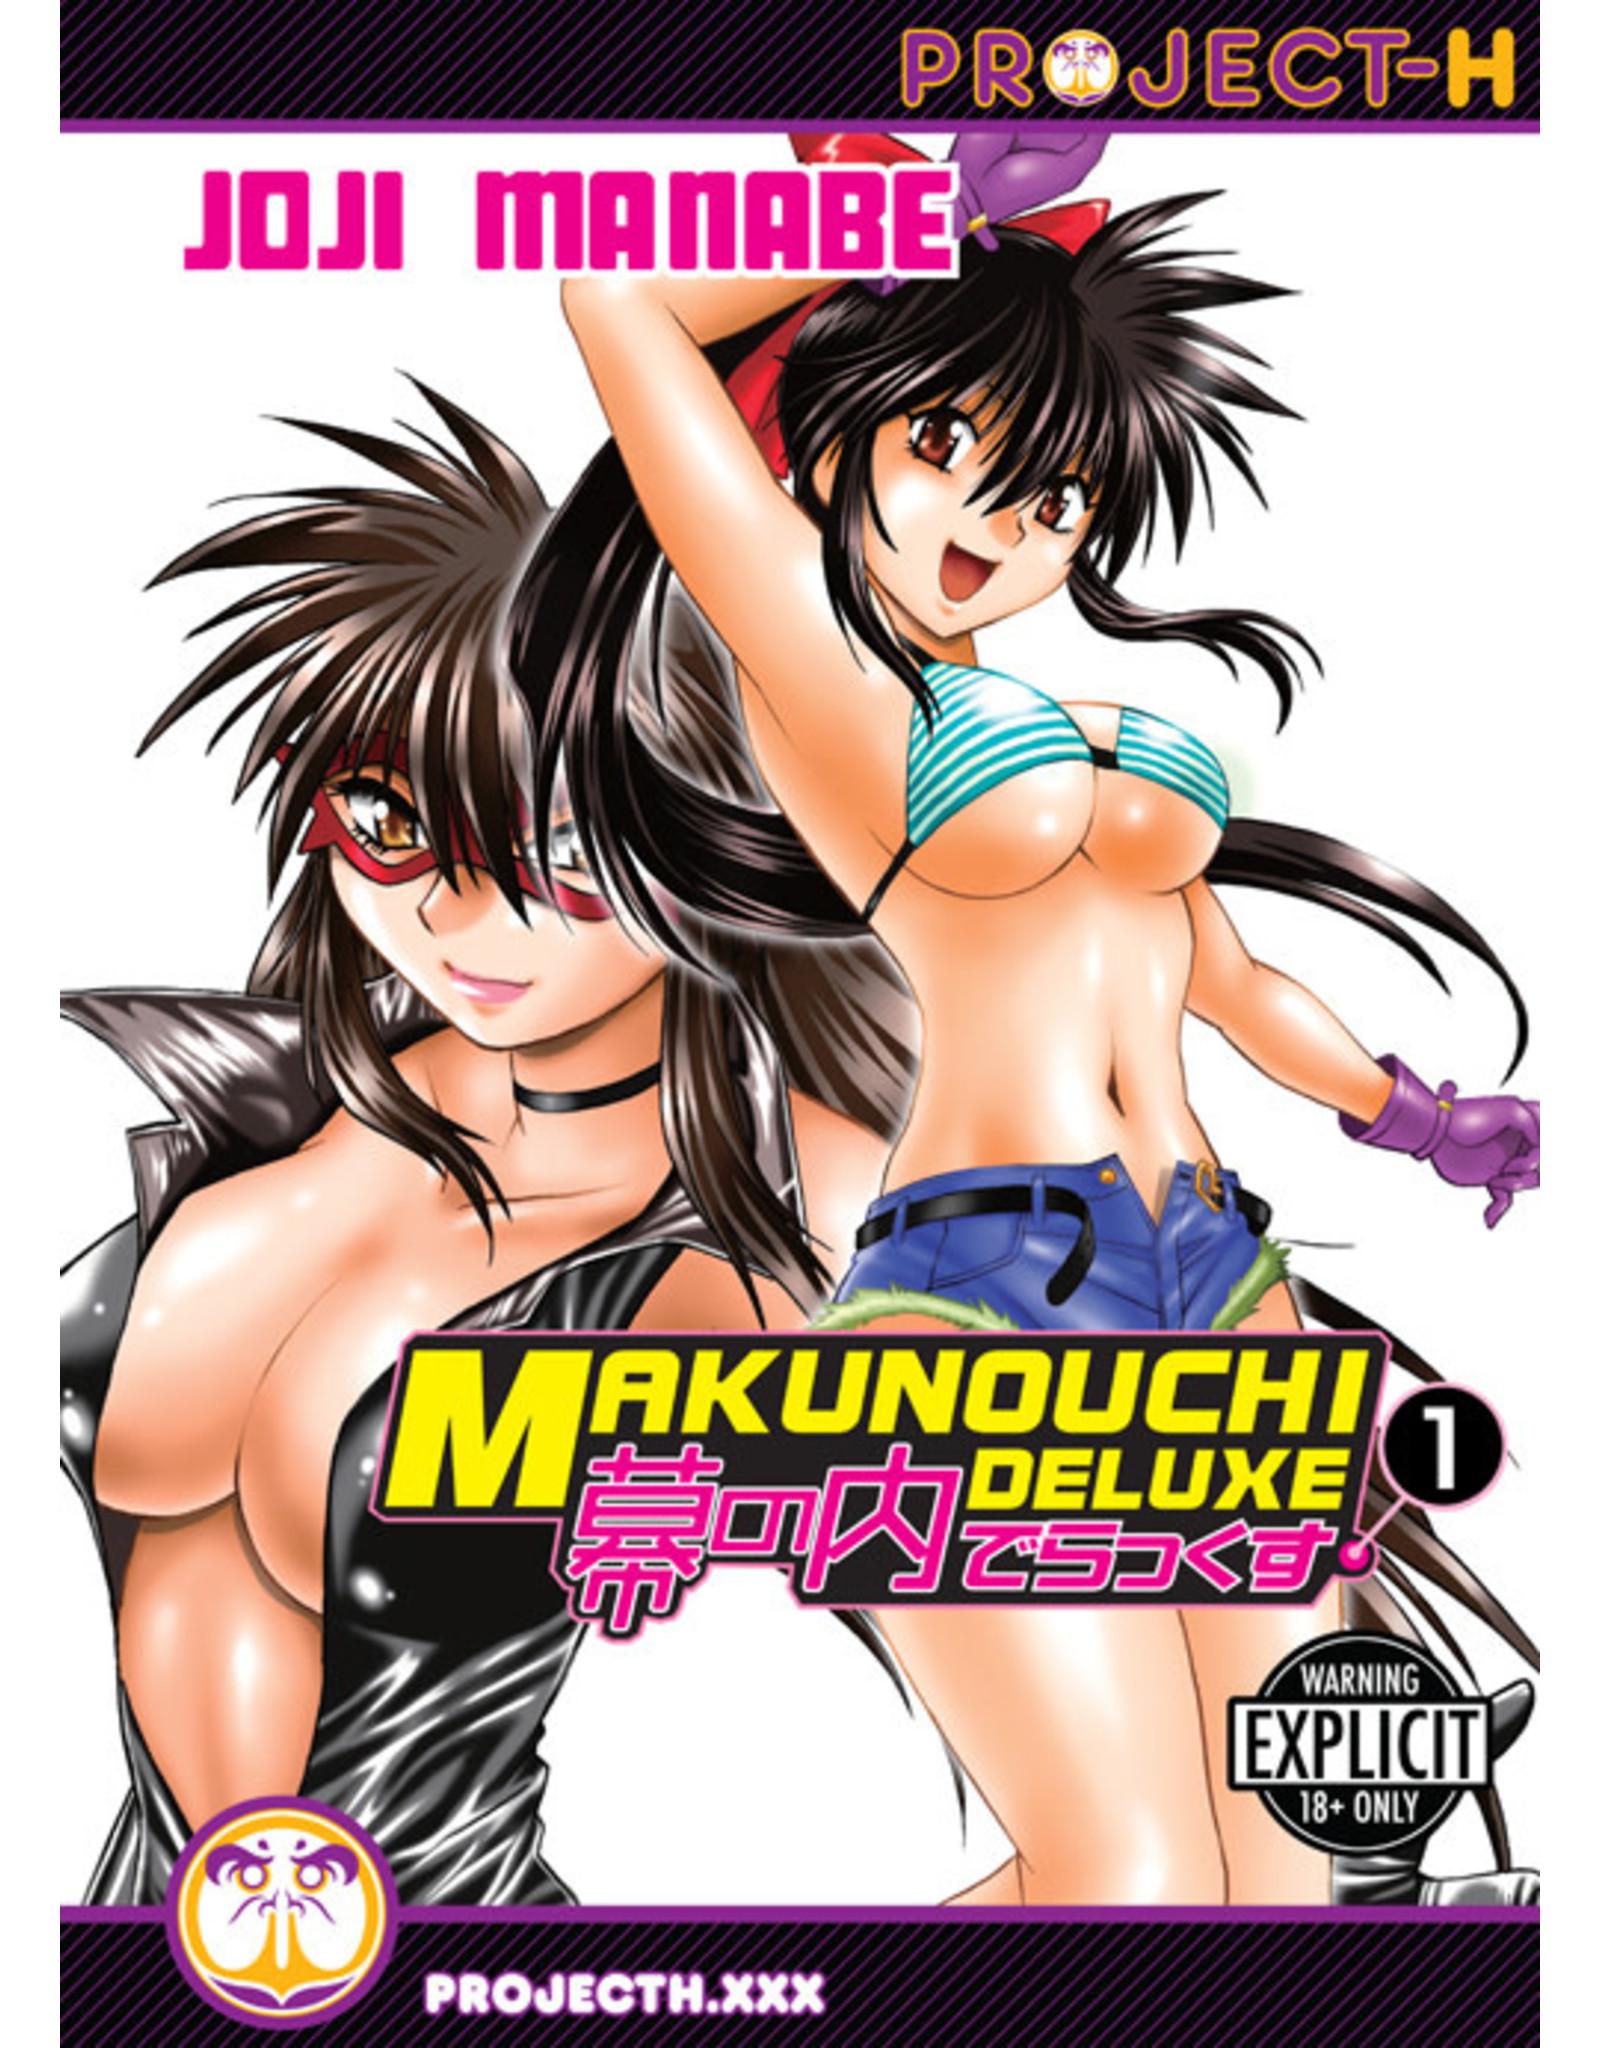 XXX Hentai: Makunouchi Deluxe 1 (English)